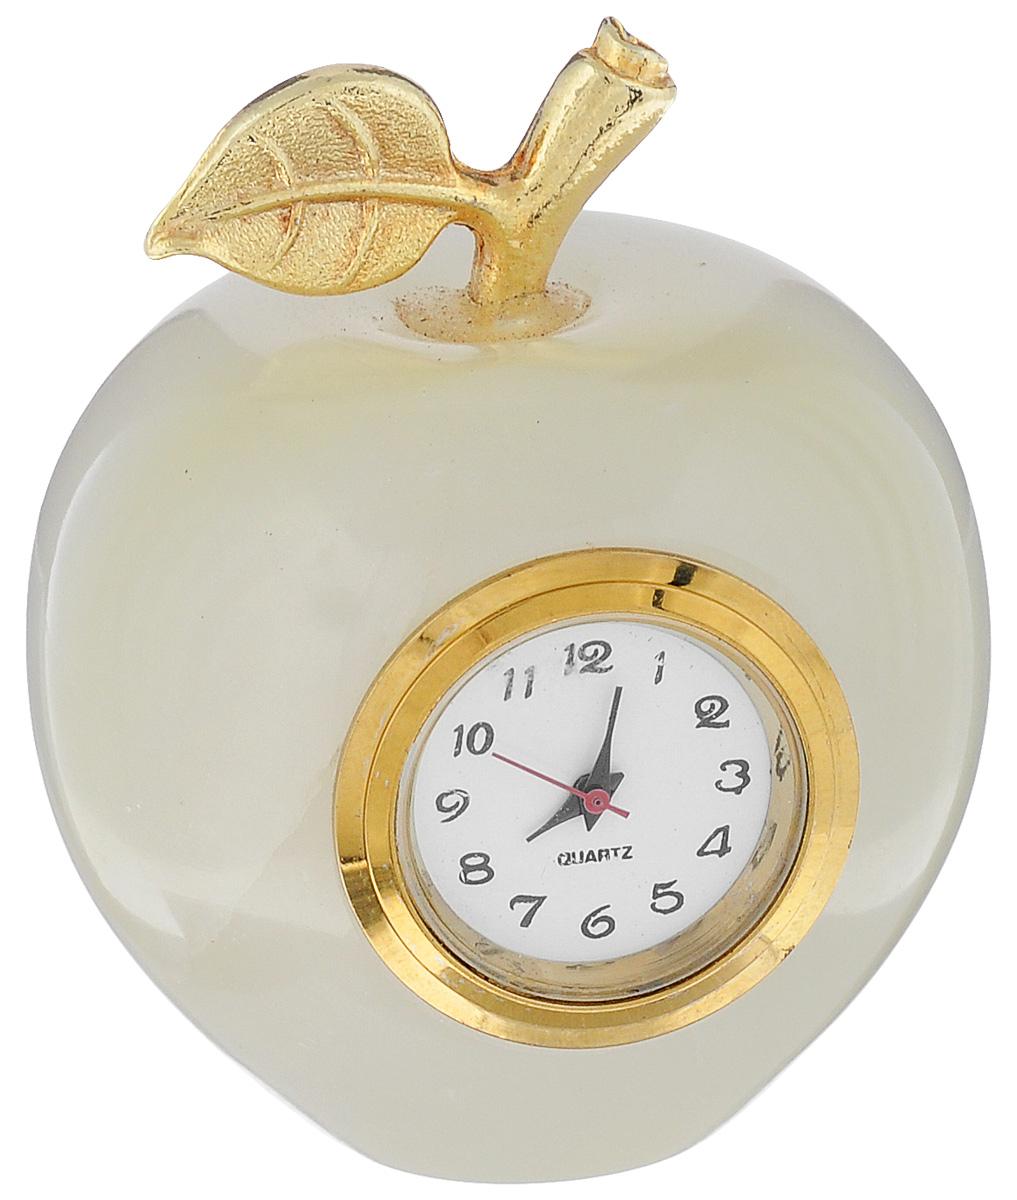 Часы Sima-land Яблоко. 241333241333Часы Sima-land Яблоко прекрасно дополнят интерьер вашей комнаты. Корпус выполнен из натурального оникса. Циферблат круглой формы, оформленный арабскими цифрами, защищен стеклом. Благодаря устойчивой поверхности часы можно поставить в любое удобное для вас место. Часы работают от батарейки (входит в комплект). Диаметр циферблата: 2 см. УВАЖАЕМЫЕ КЛИЕНТЫ! Обращаем ваше внимание на тот факт, что цветовой оттенок товара может отличатся от представленного на изображении, поскольку корпус часов выполнен из натурального камня. Учитывайте это при оформлении заказа.